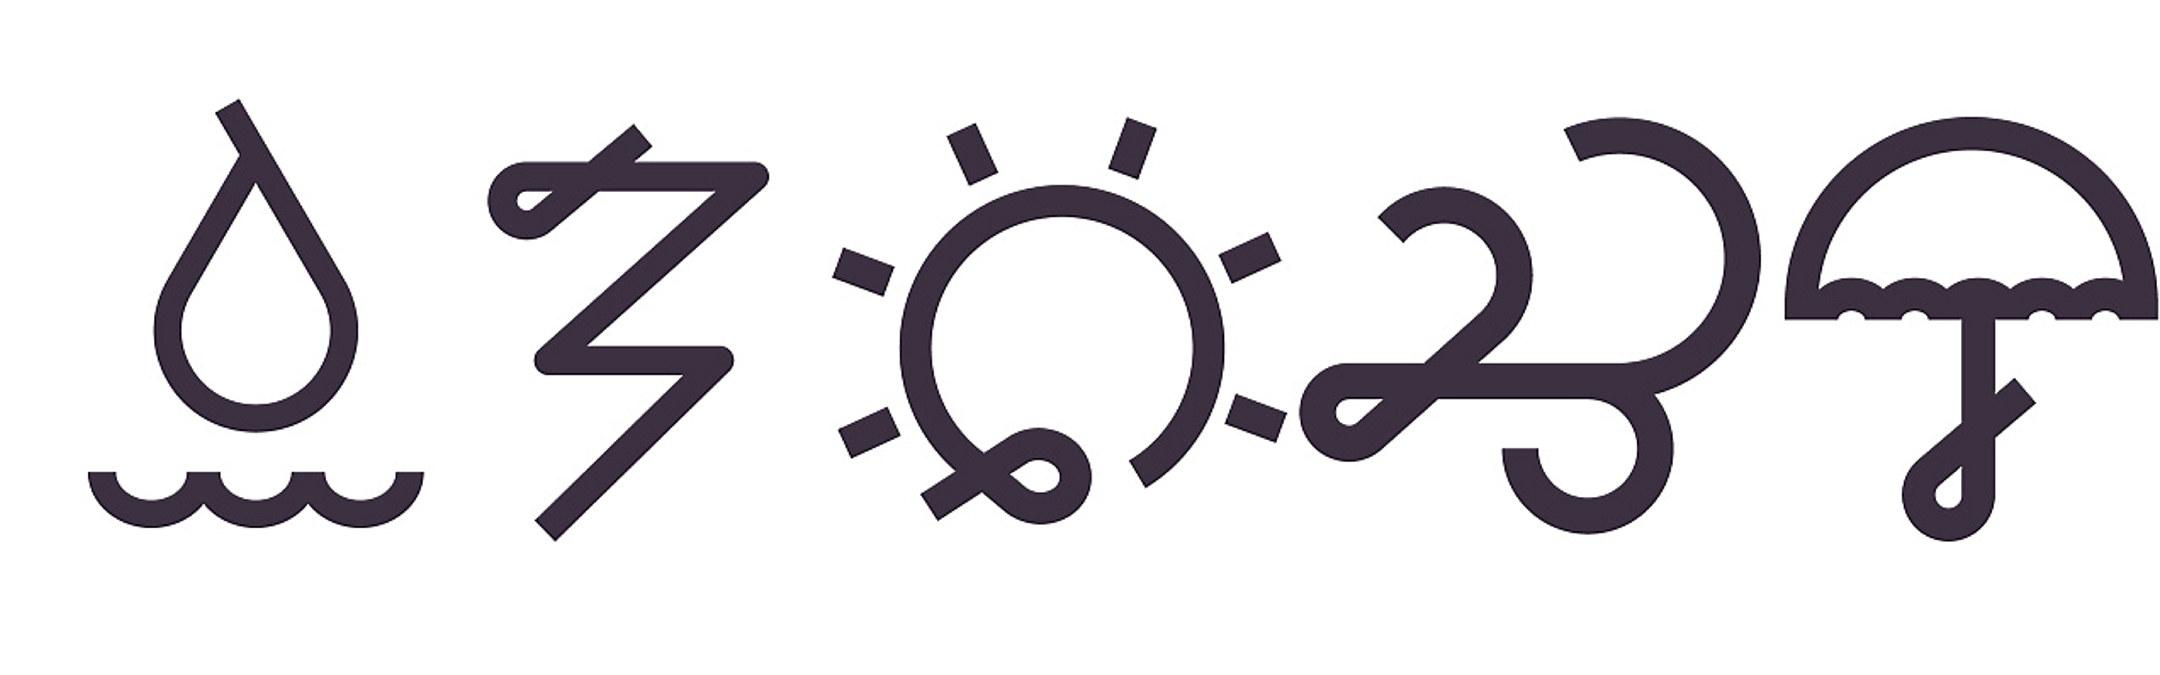 symboler horisontalt